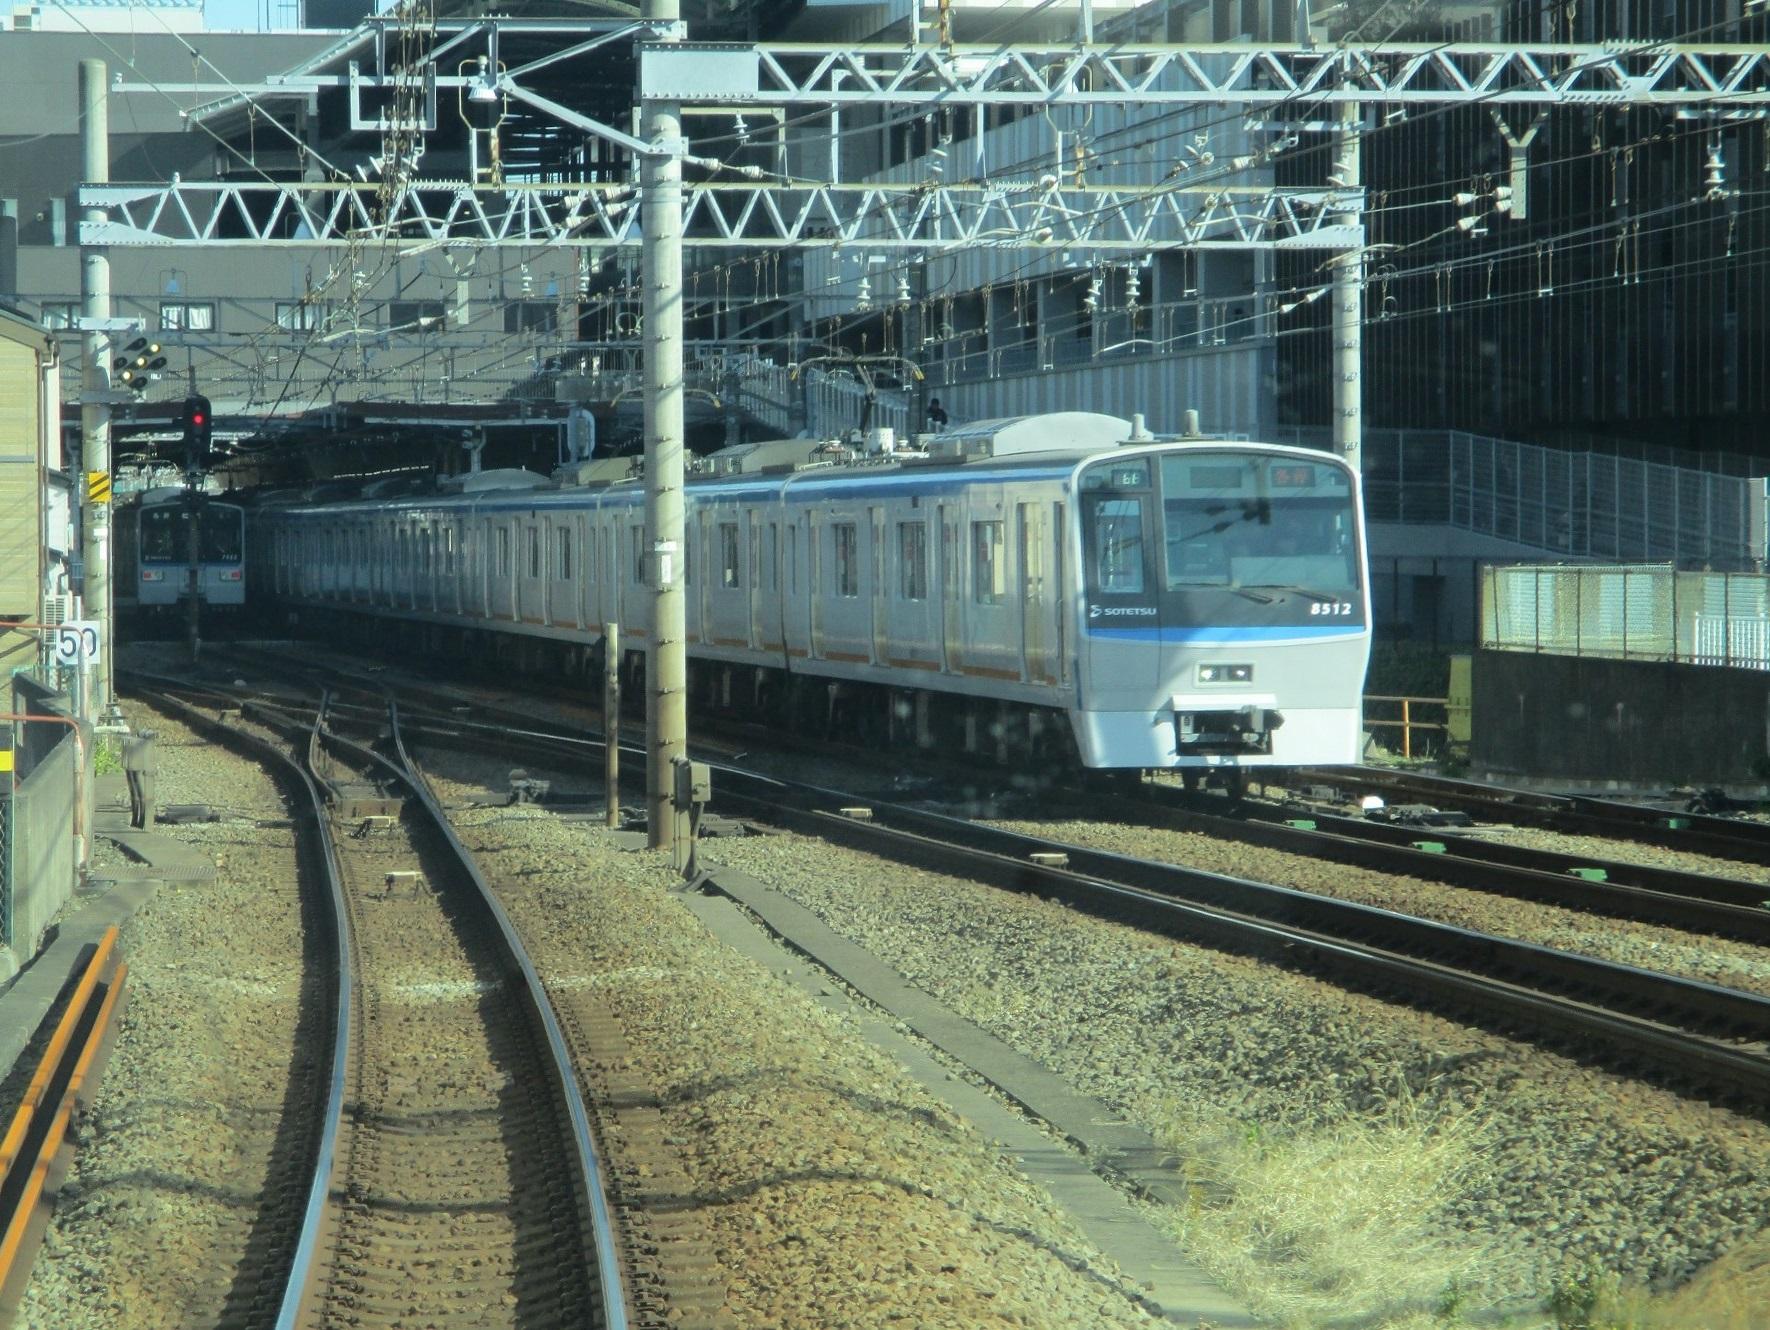 2019.12.16 (92) 新宿いき各停 - 二俣川 1770-1330